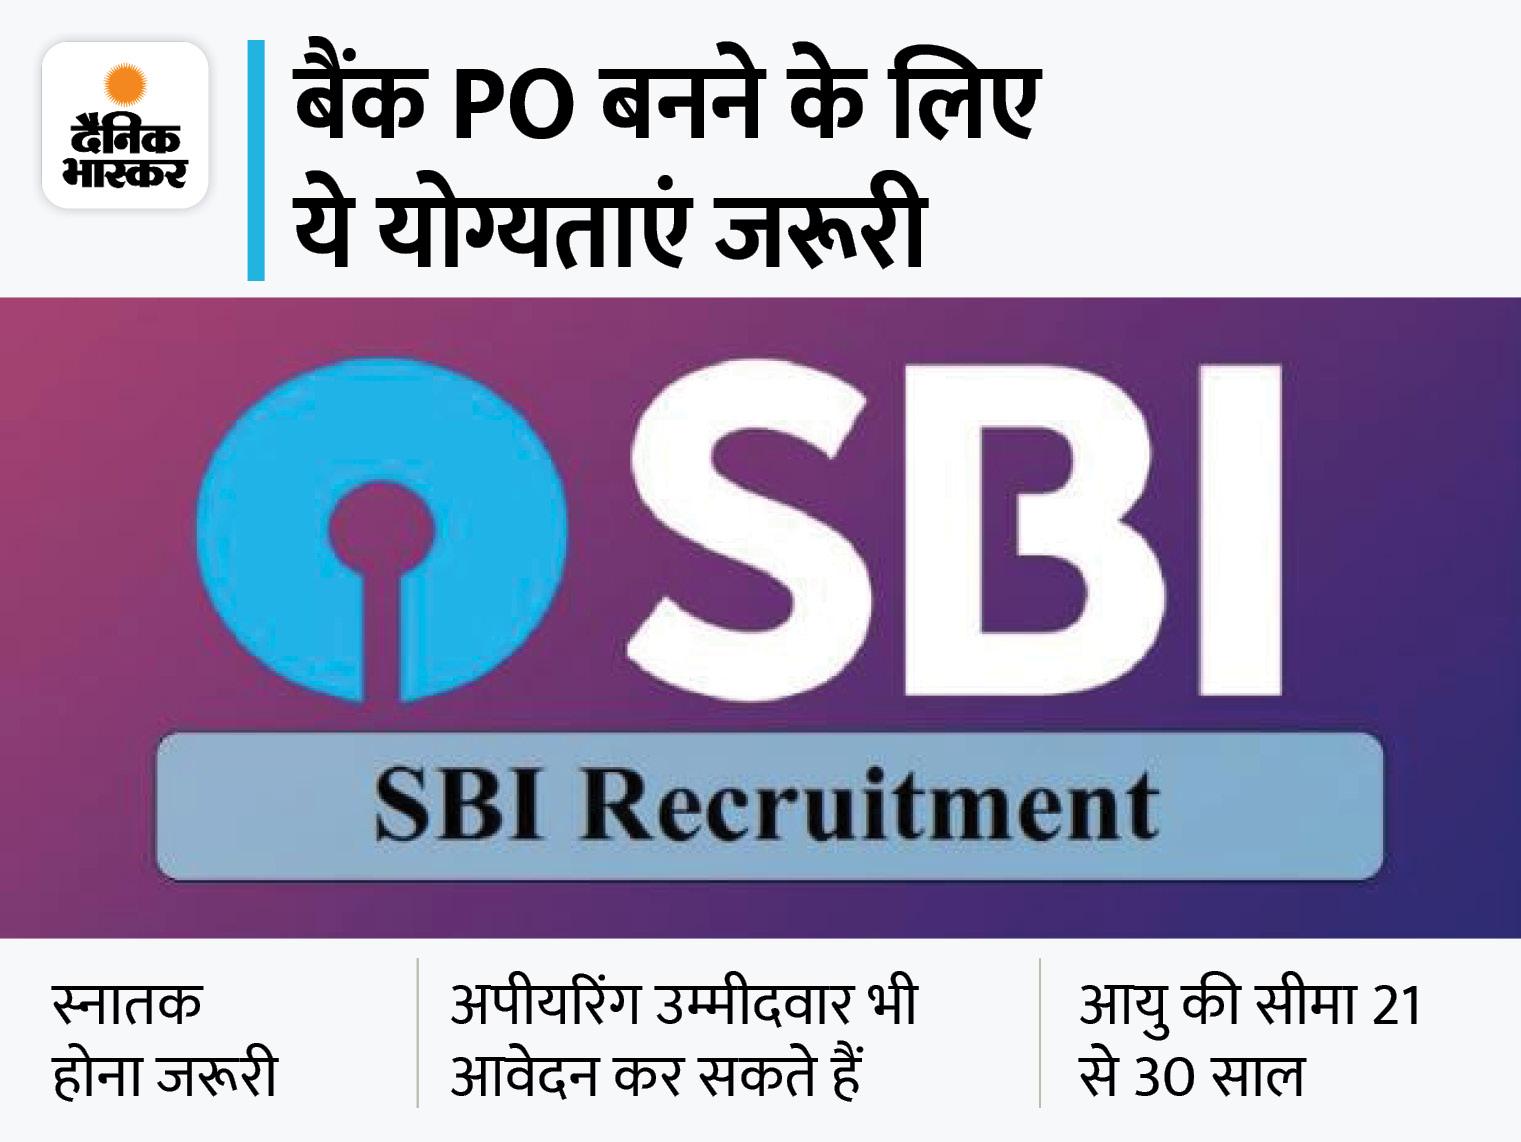 स्टेट बैंक ने निकाली प्रोबेशनरी ऑफिसर की 2056 वैकेंसी, 25 अक्टूबर तक ऐसे कर सकते हैं आवेदन|छिंदवाड़ा,Chhindwara - Dainik Bhaskar